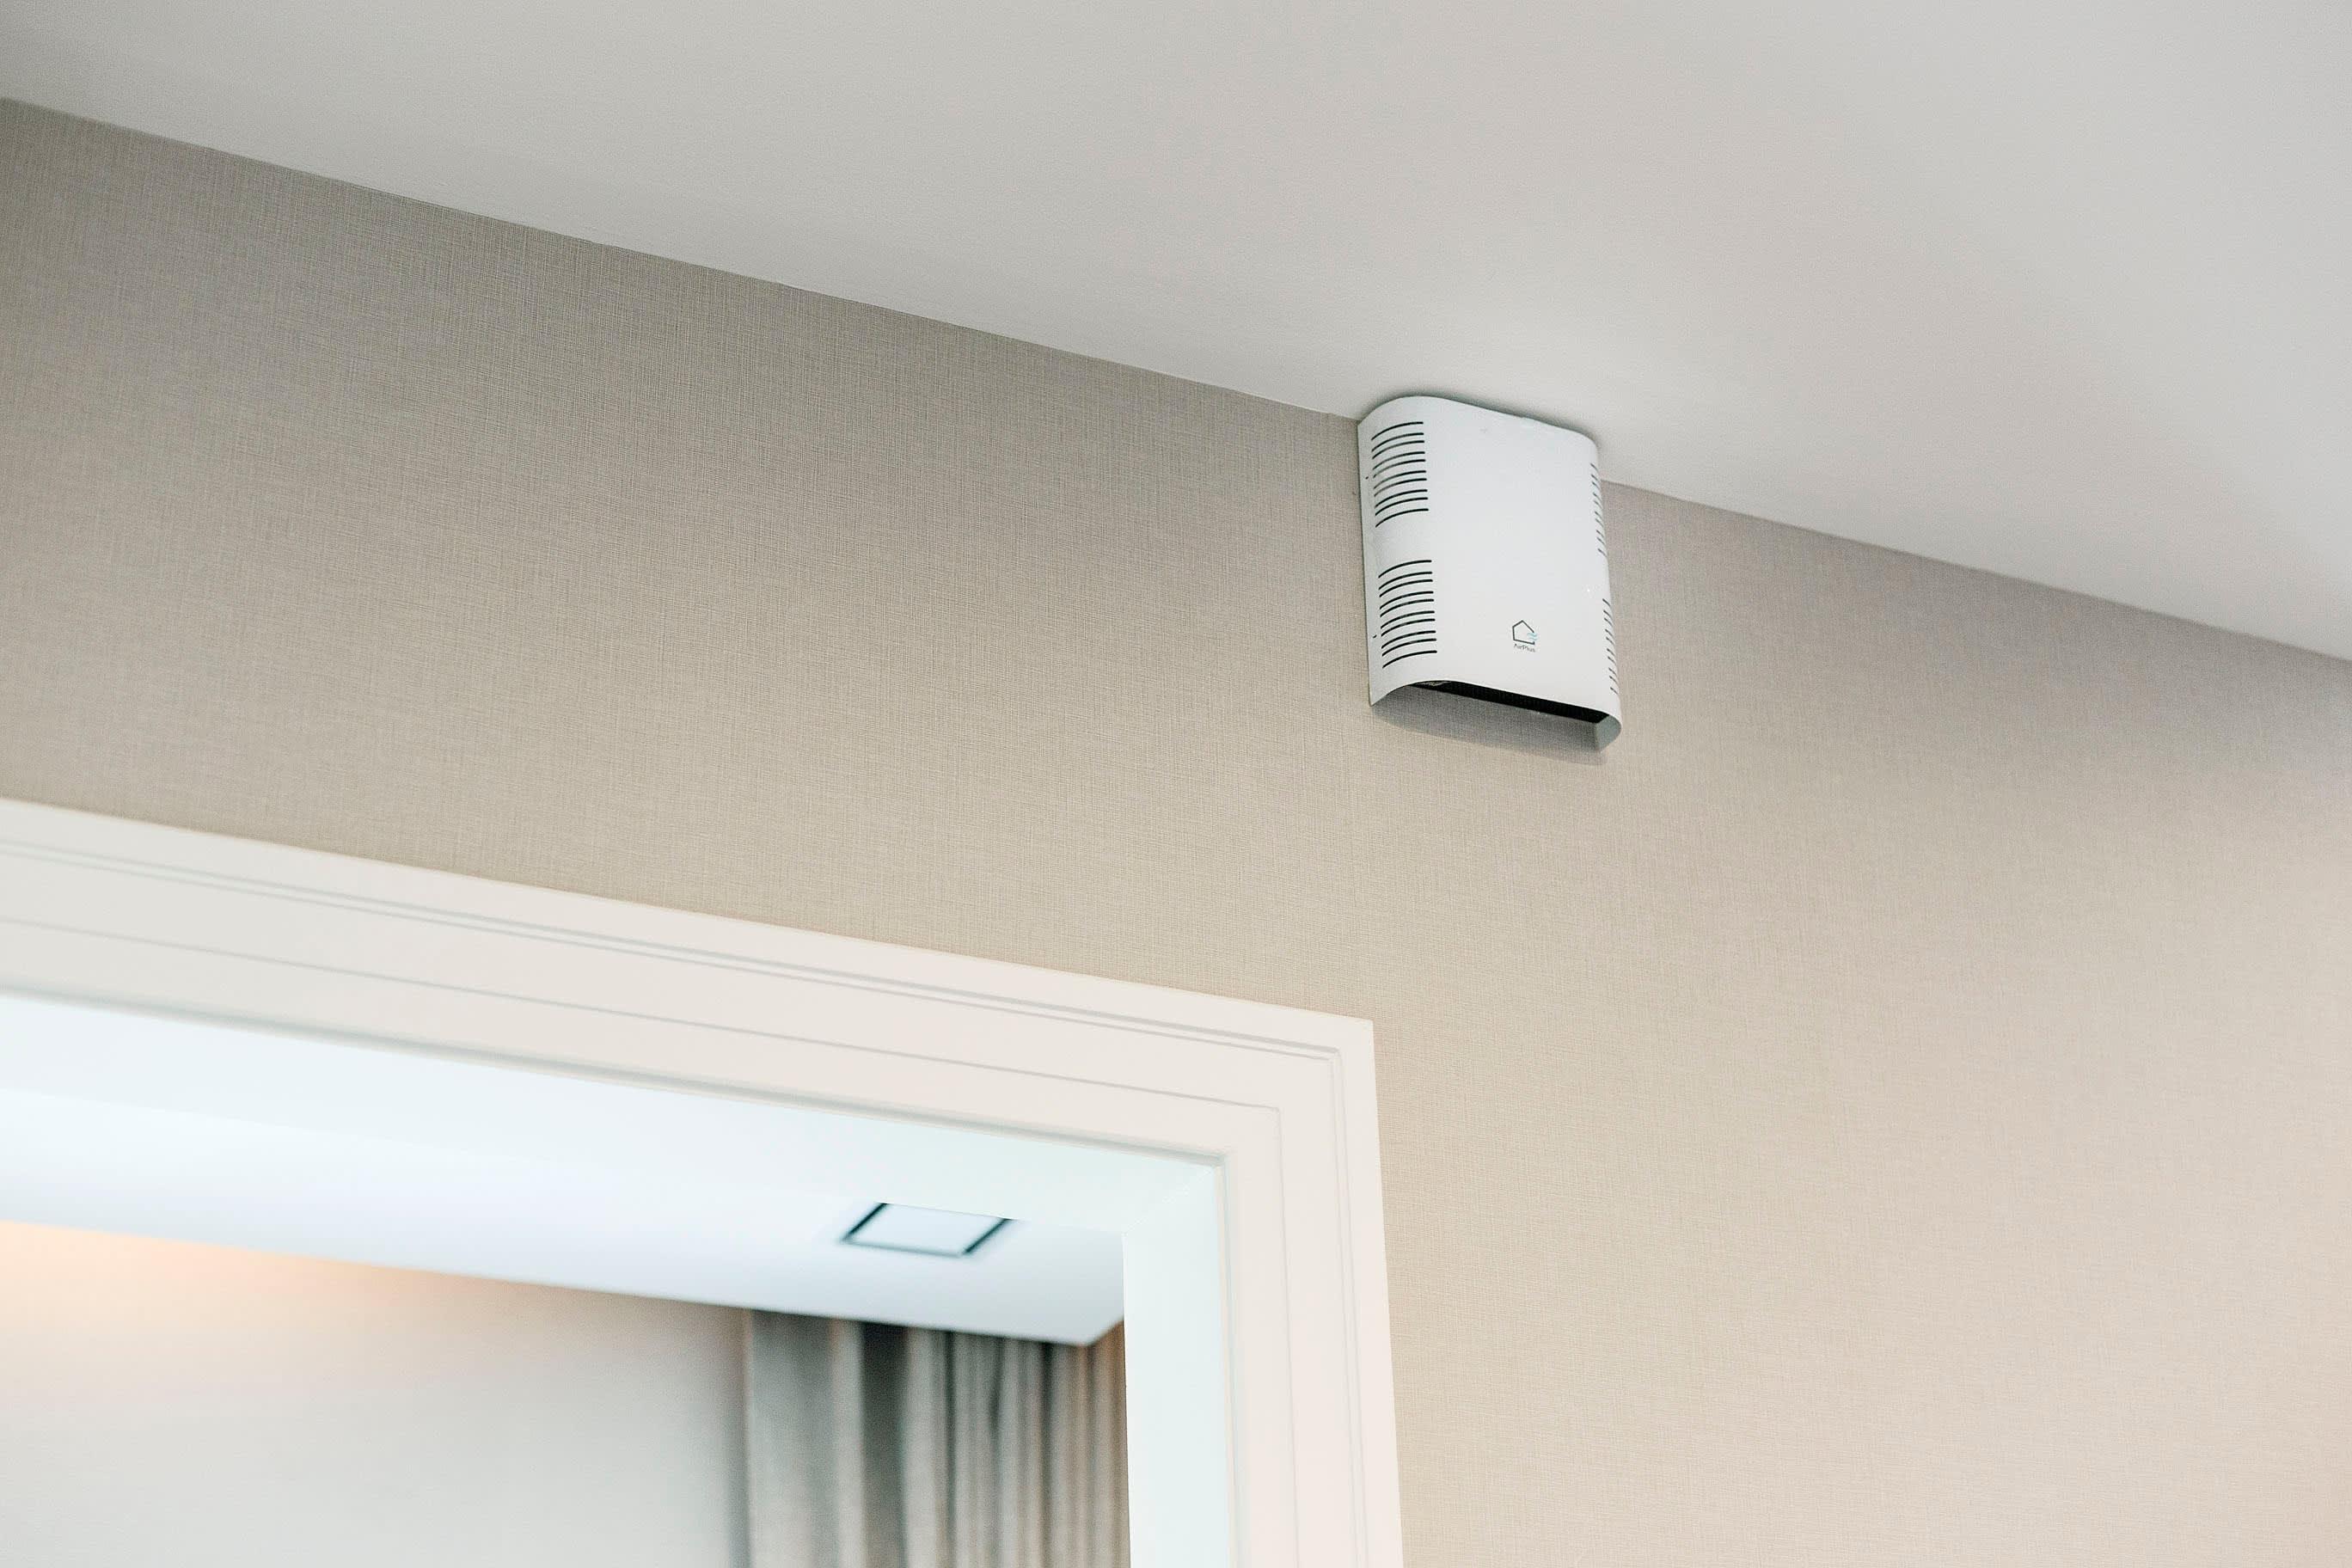 นวัตกรรม Air Plus บ้านหายใจได้จากแลนด์ แอนด์ เฮ้าส์